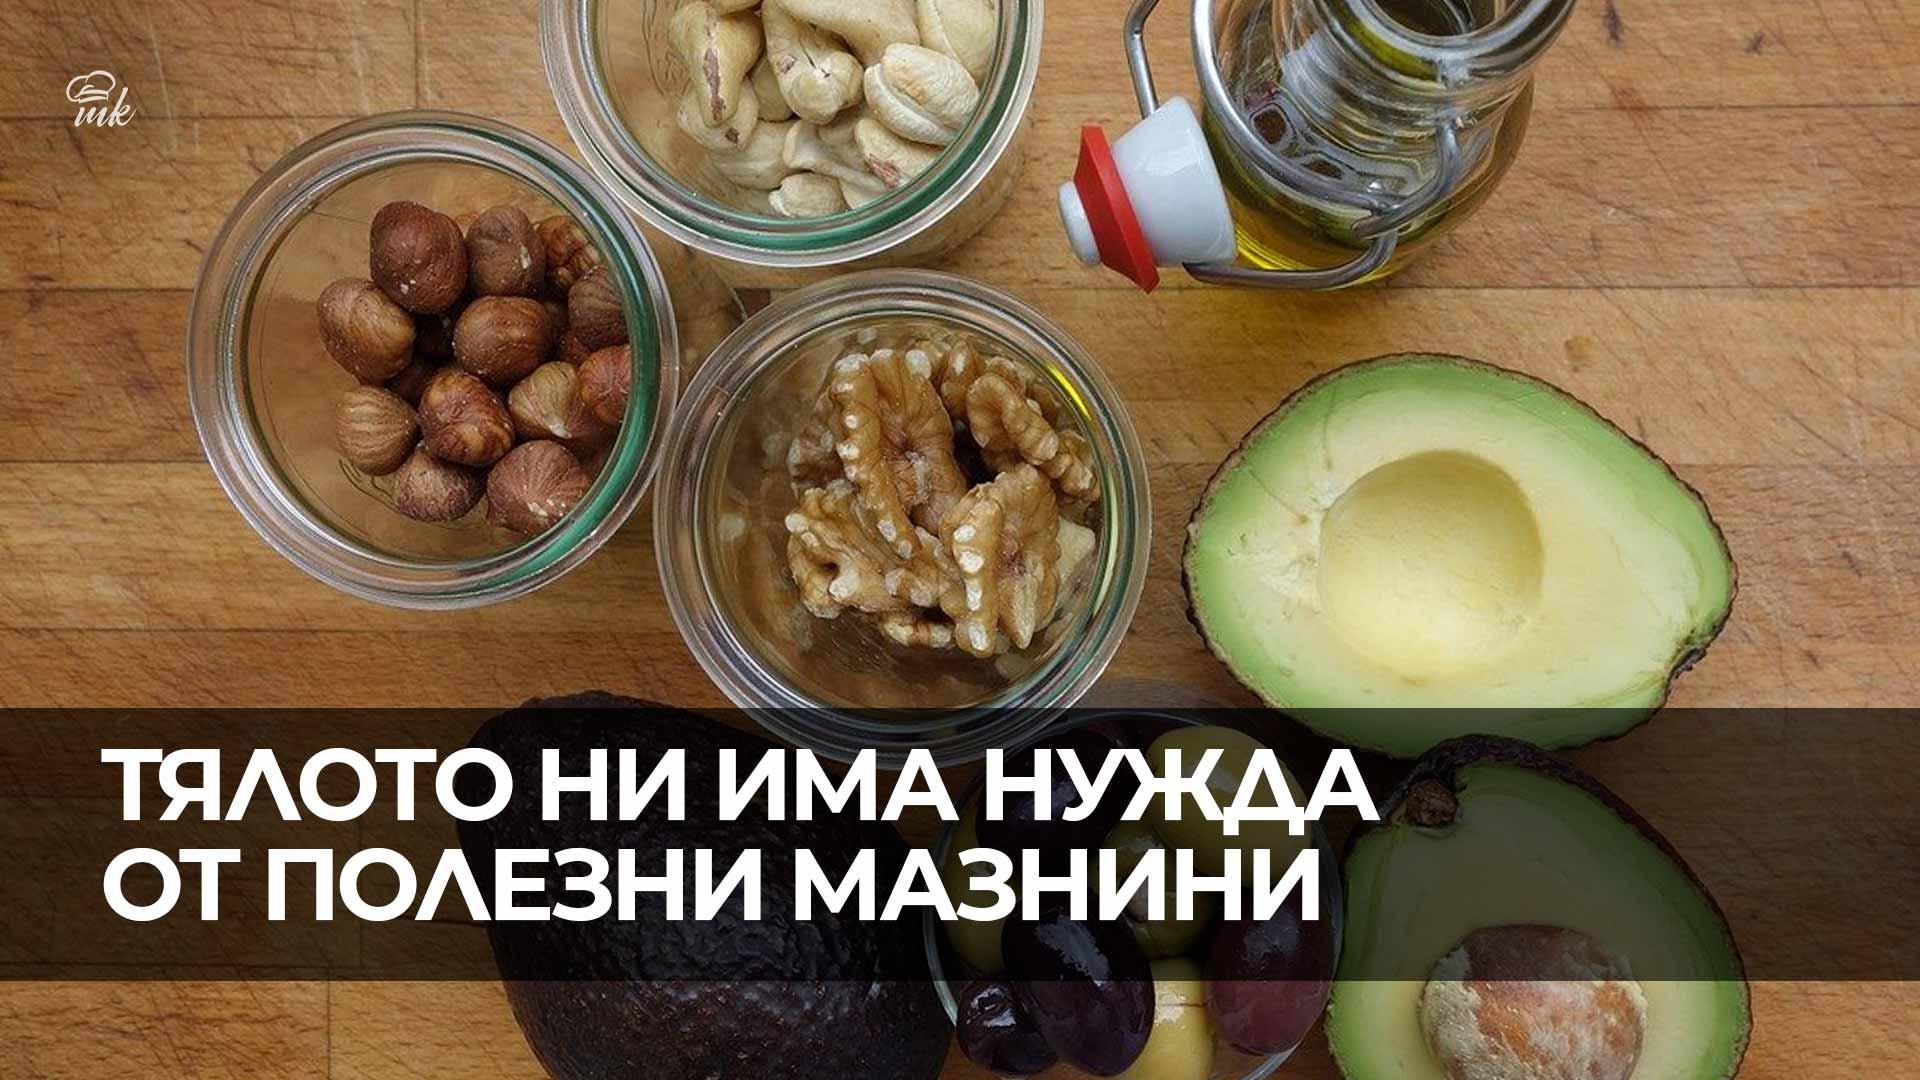 Рекламно изображение за публикация за полезните за тялото мазнини